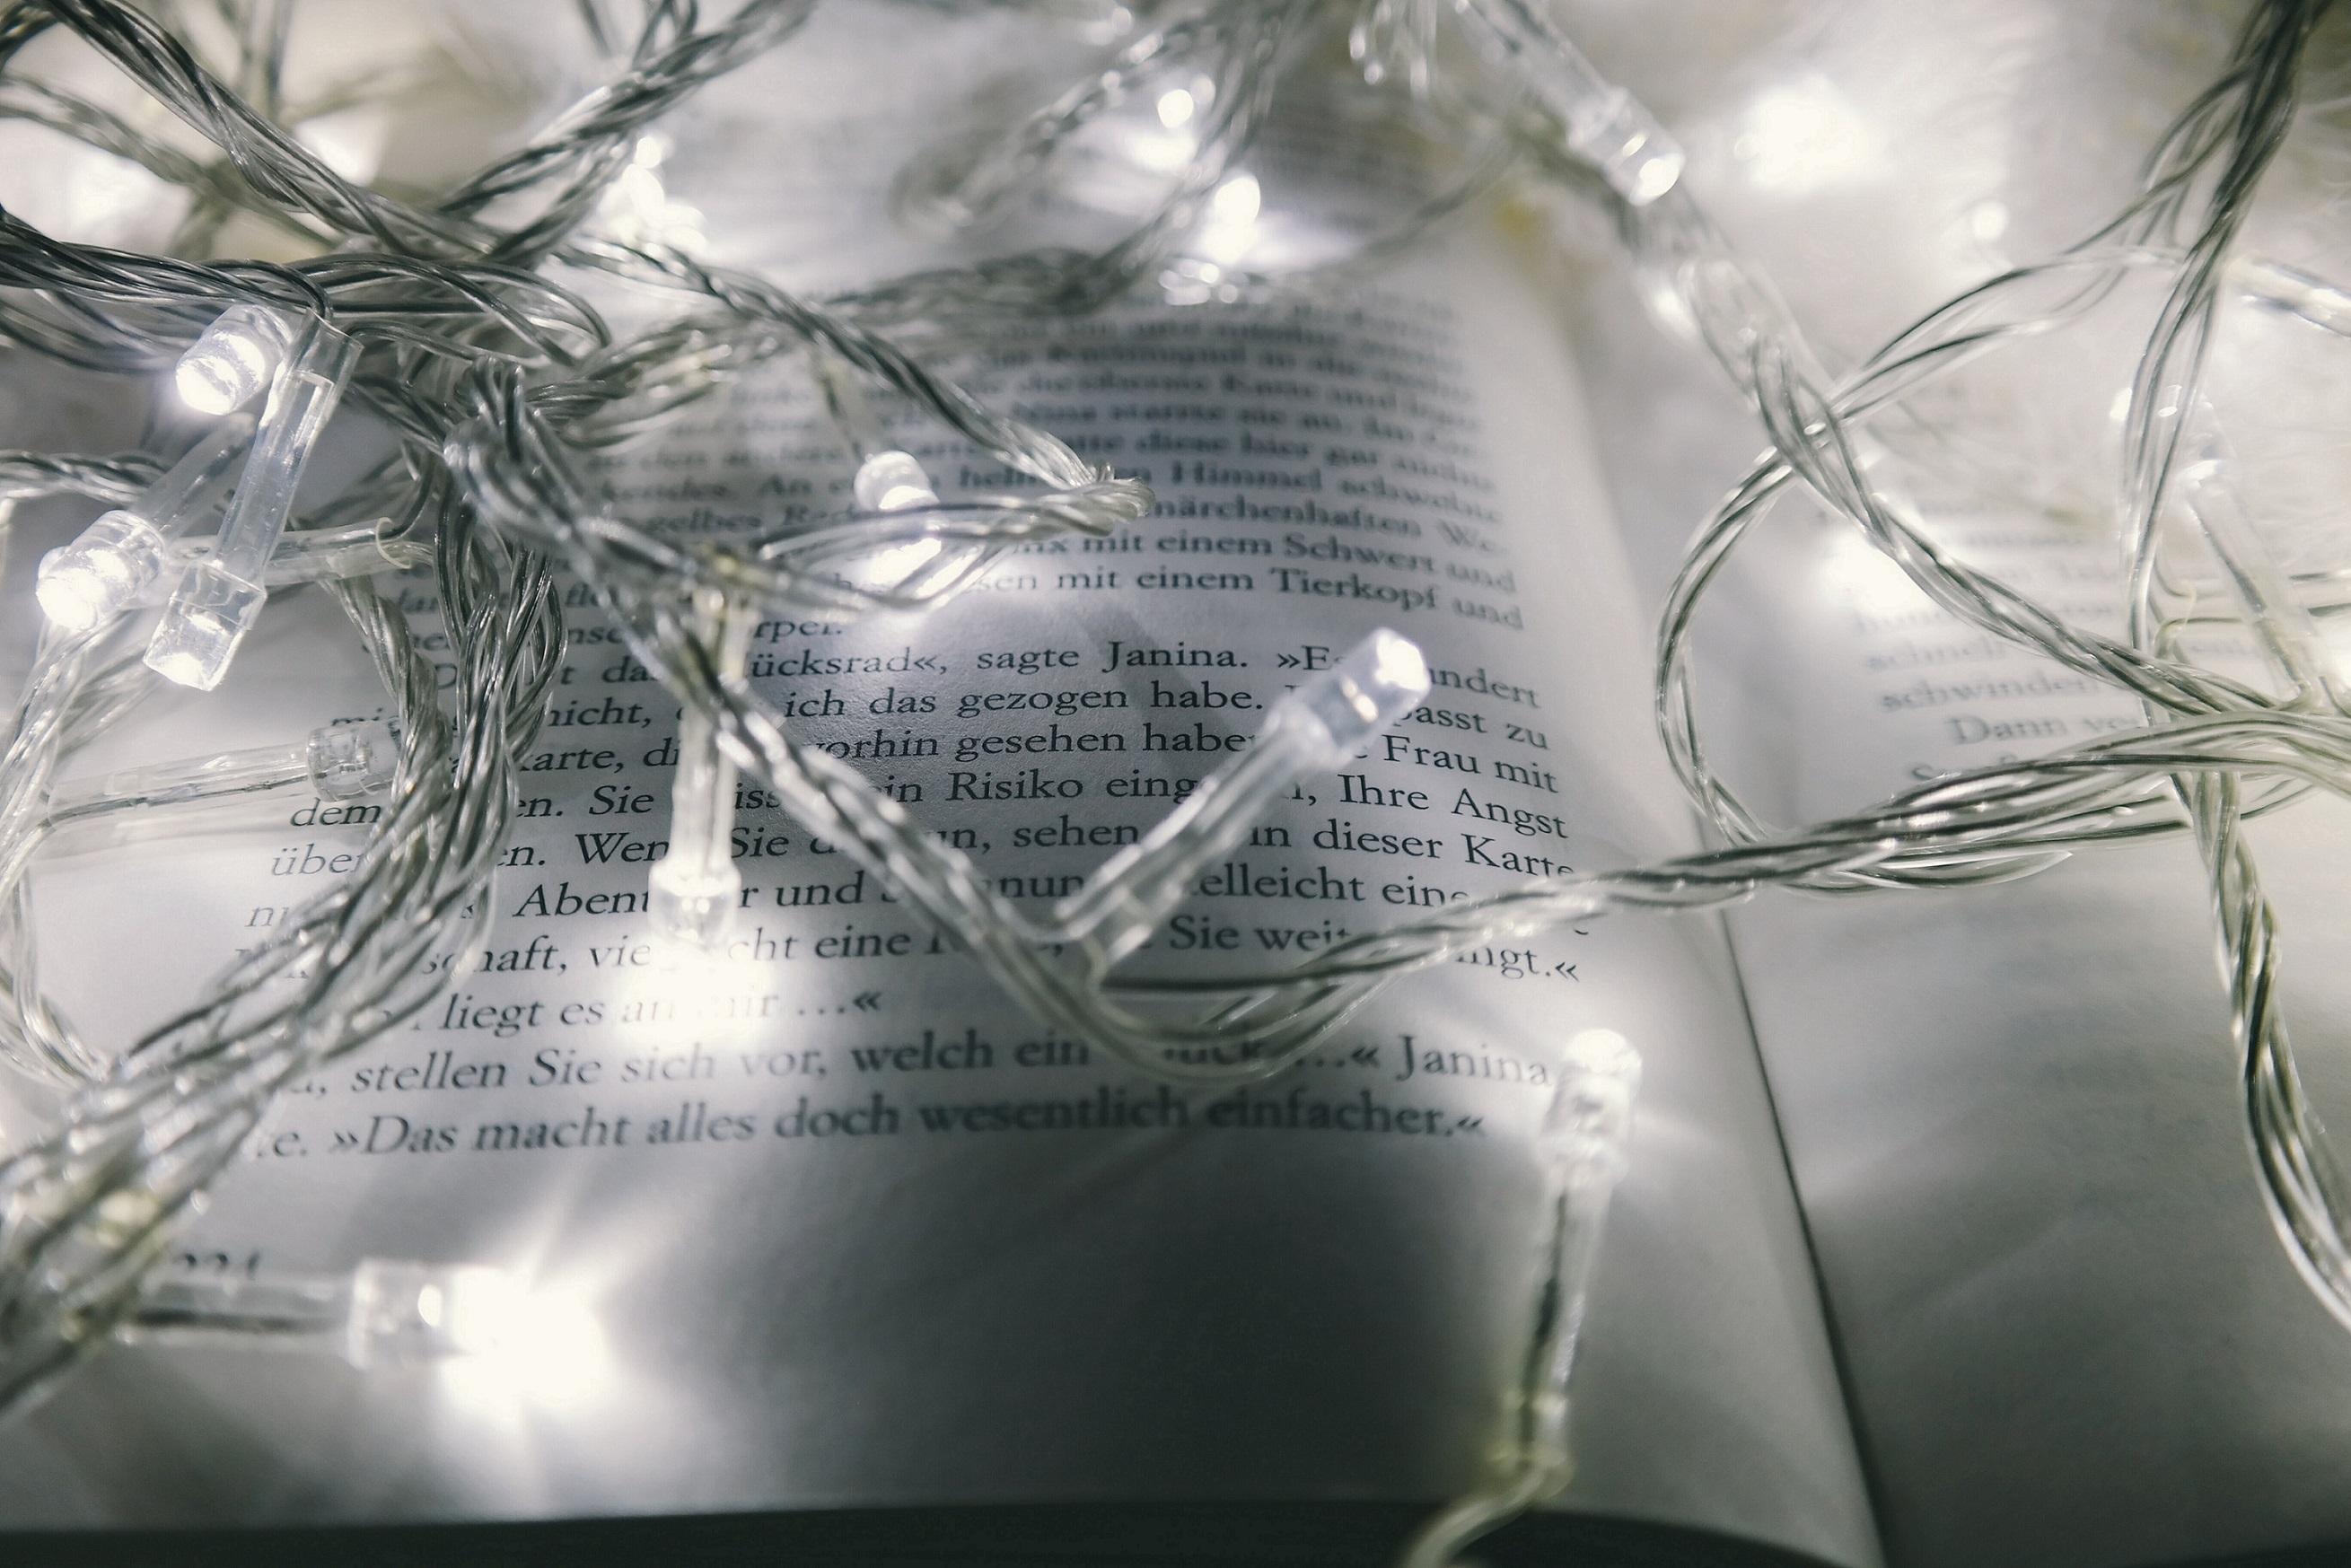 Merkur/Uran – riječi i misli koji razbuđuju